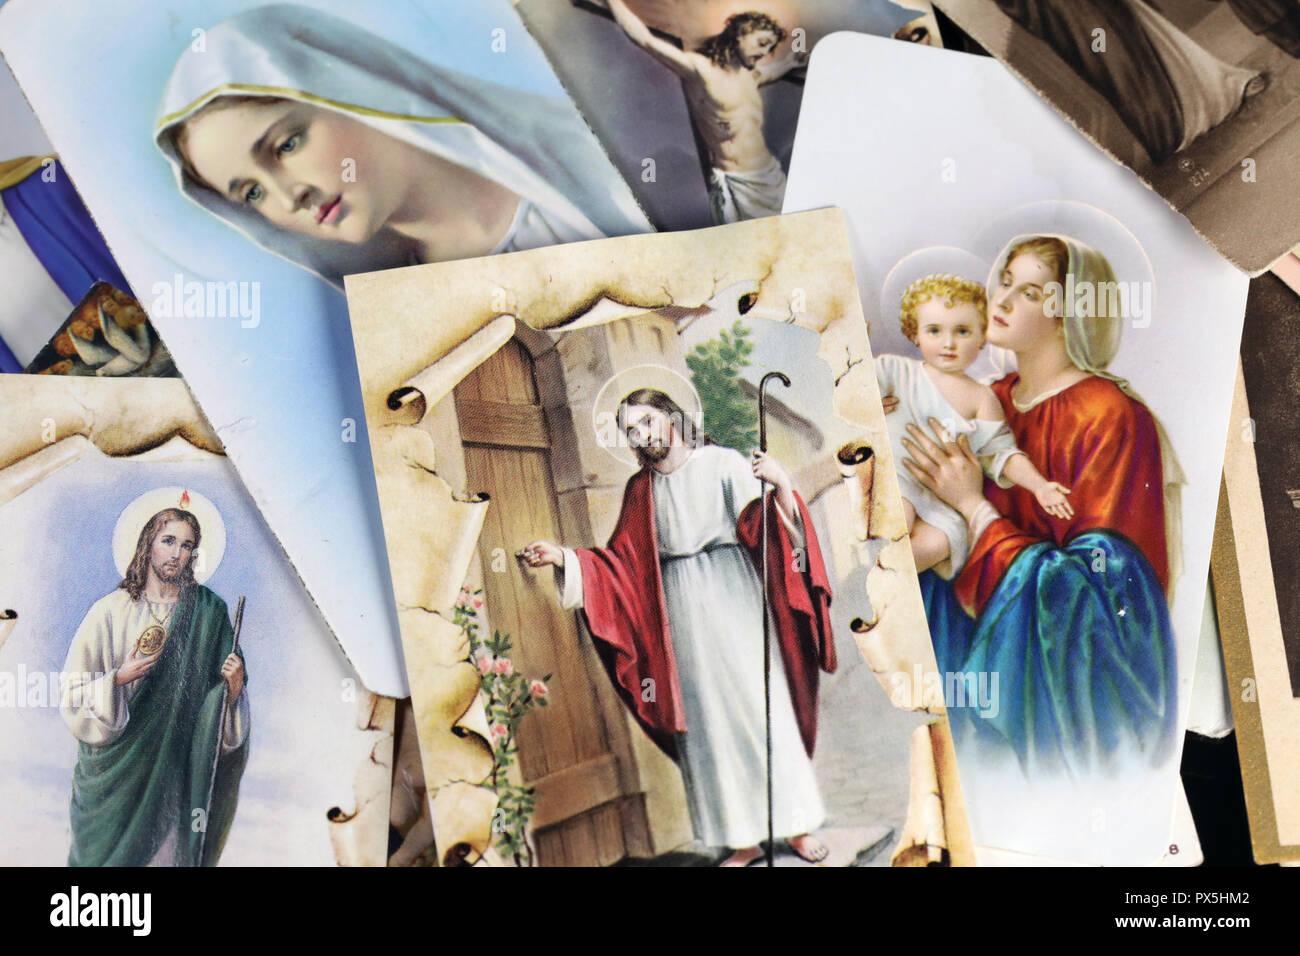 Heiligen Bilder von Jesus und der Jungfrau Maria. Stockbild